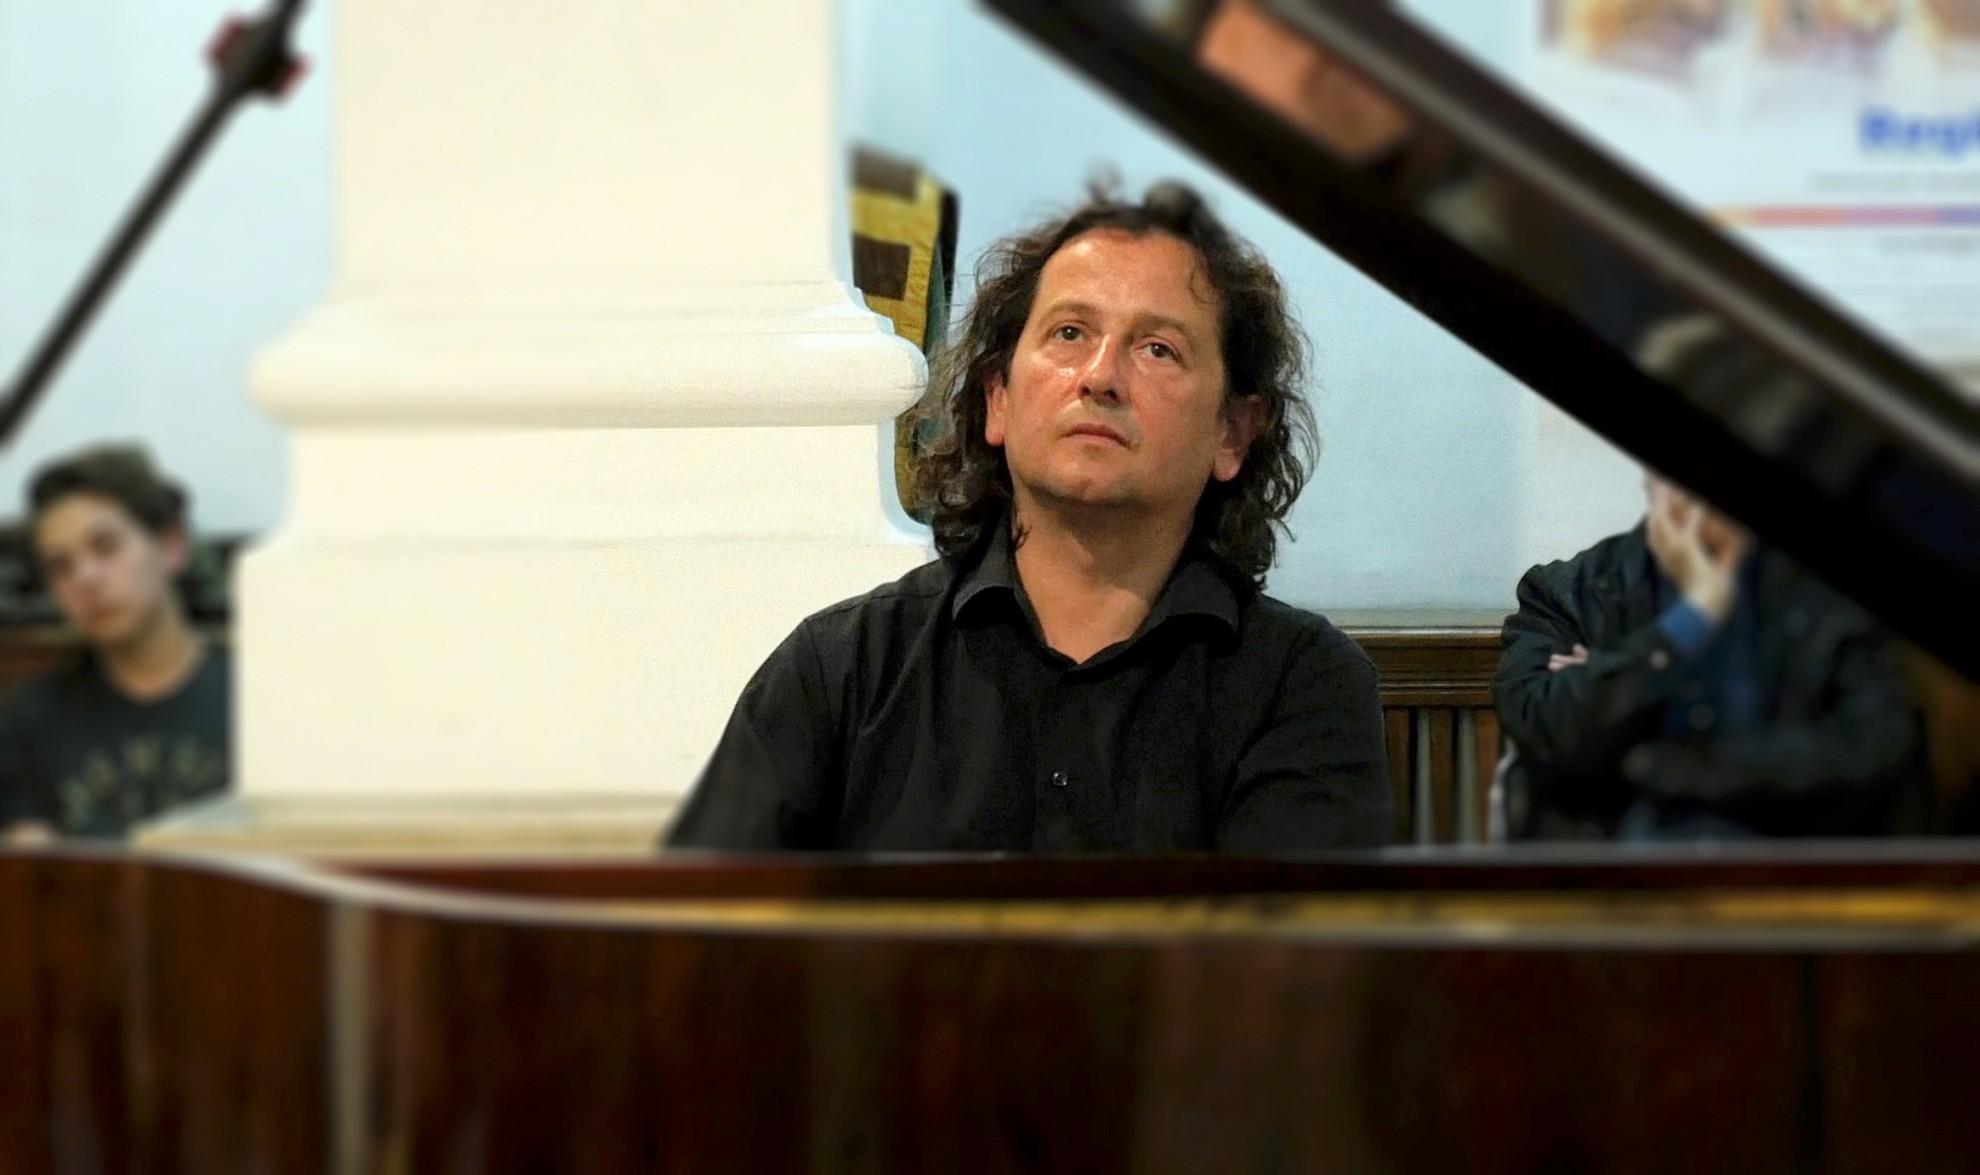 Musical show Piano Traveler